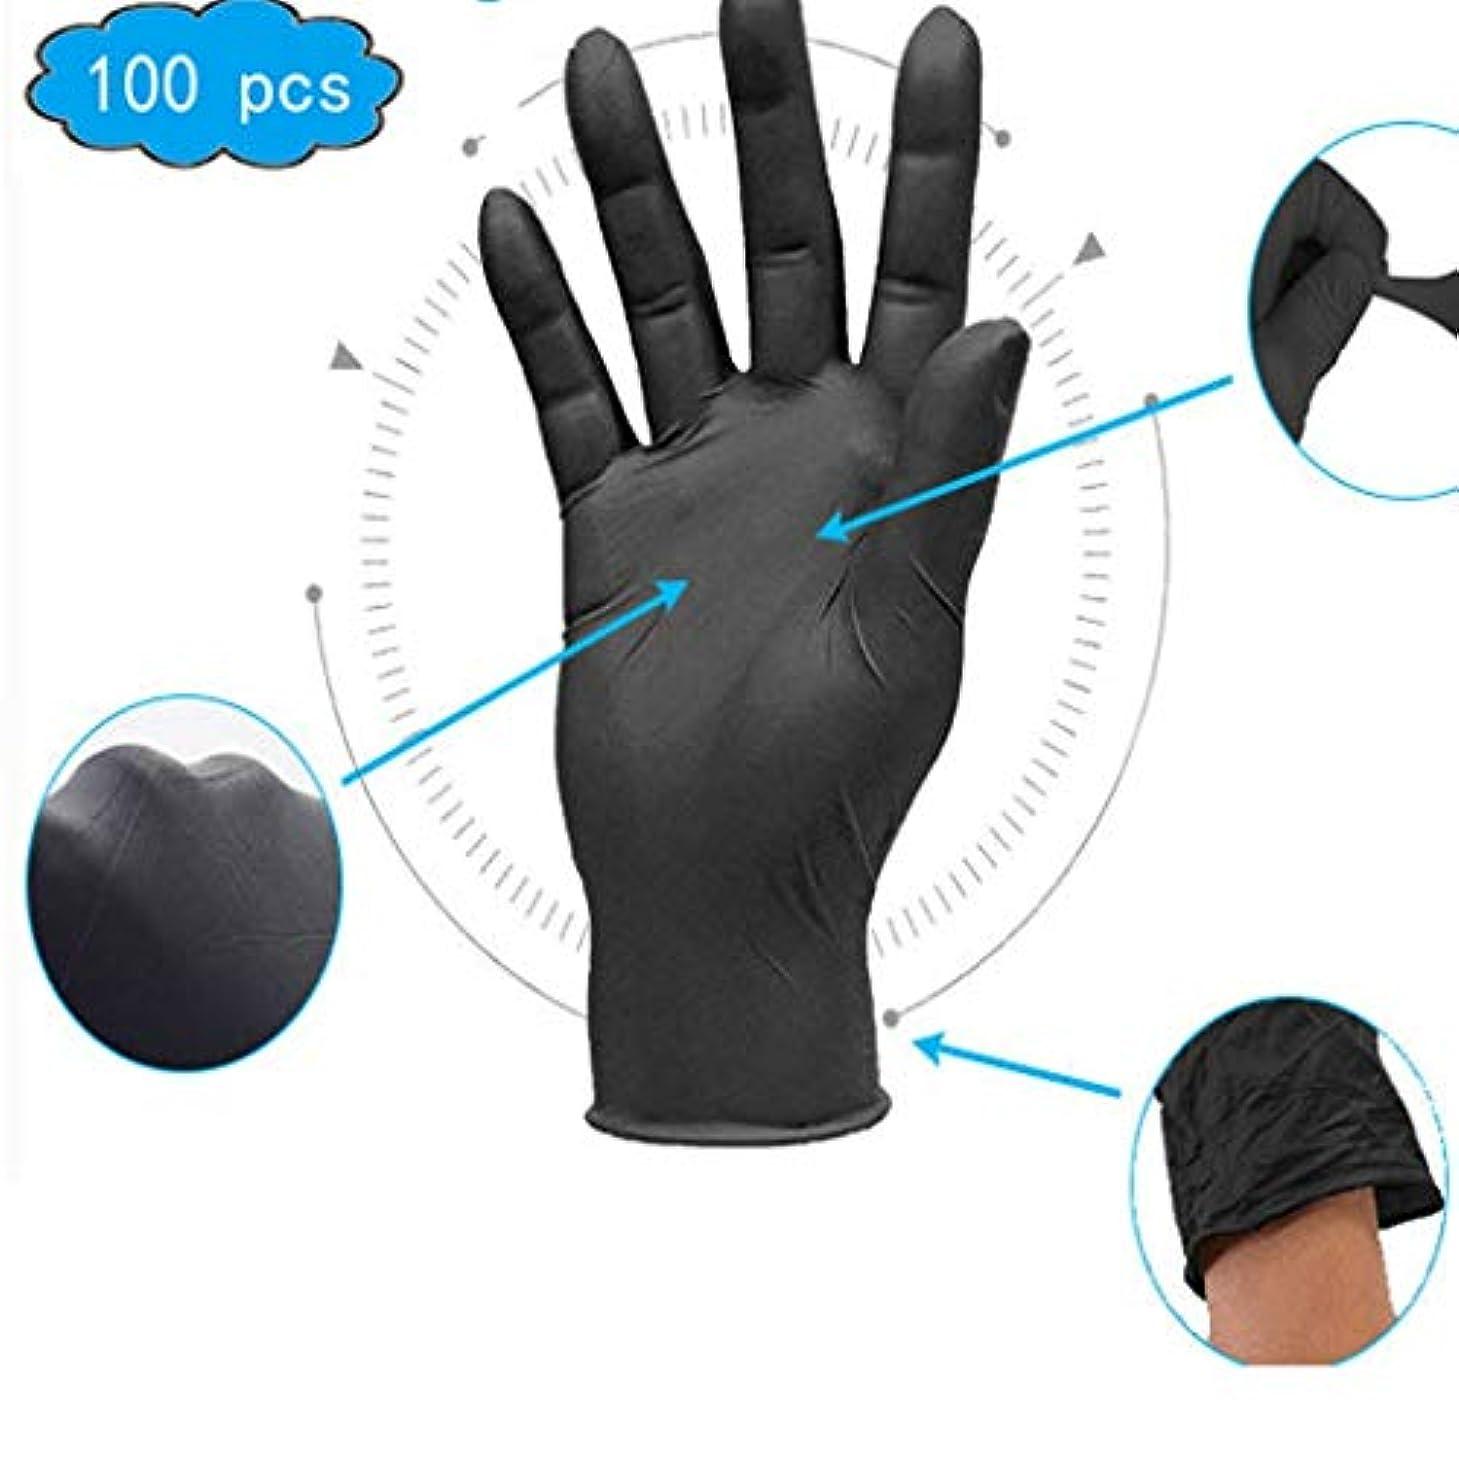 施設論争の的八ニトリル手袋、医薬品および備品、応急処置用品、産業用使い捨て手袋 - テクスチャード、パウダーフリー、無菌、大型、100個入り、非滅菌の使い捨て安全手袋 (Color : Black, Size : M)